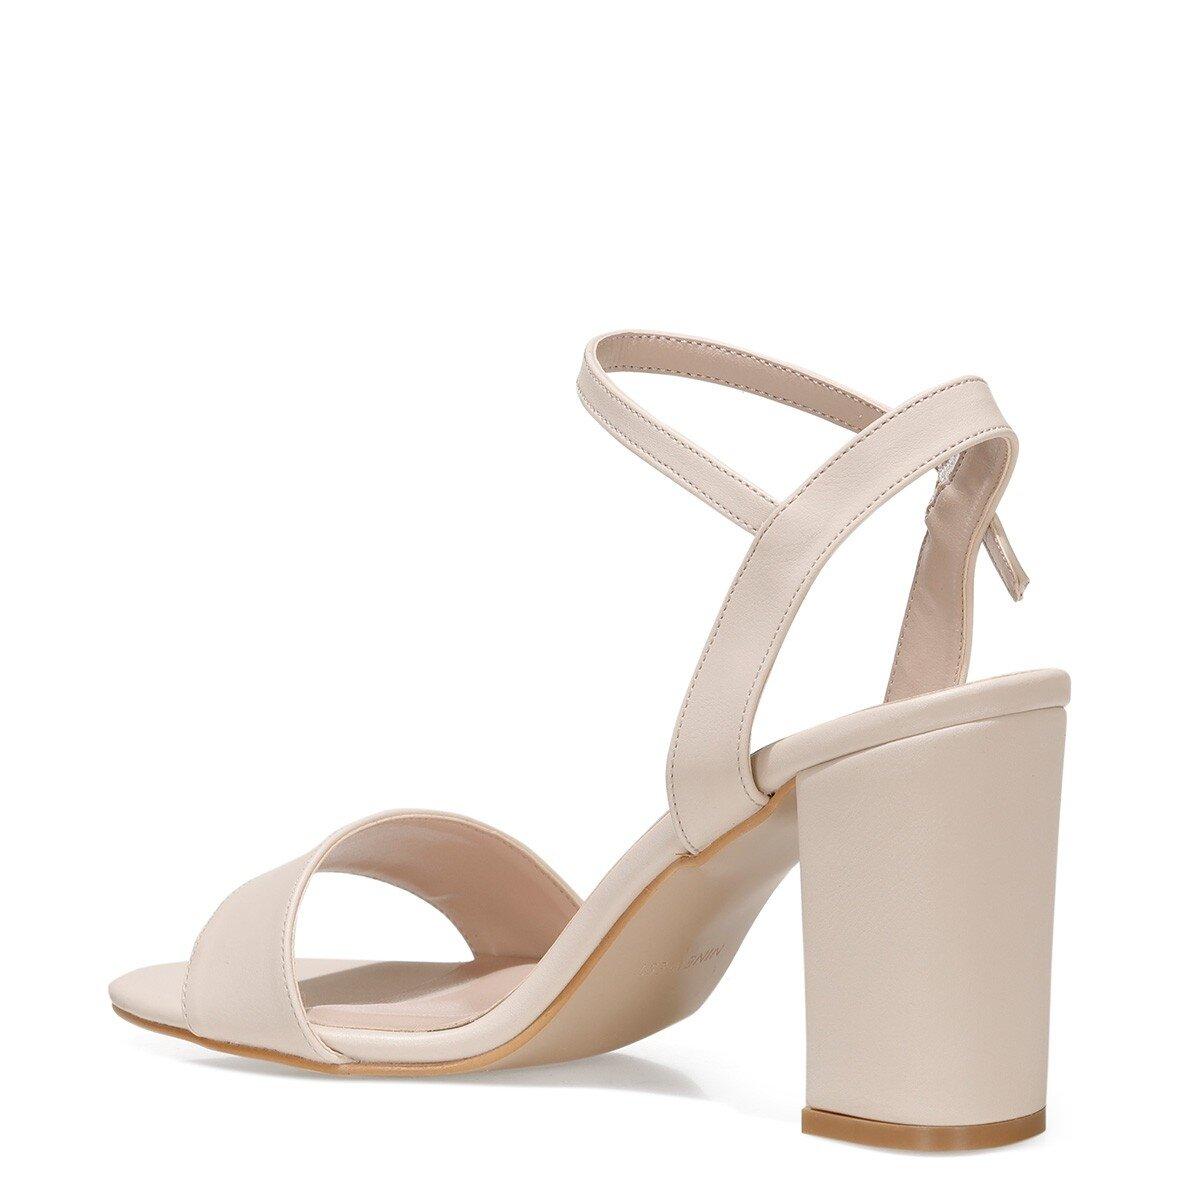 SIMEL 1FX Bej Kadın Sandalet